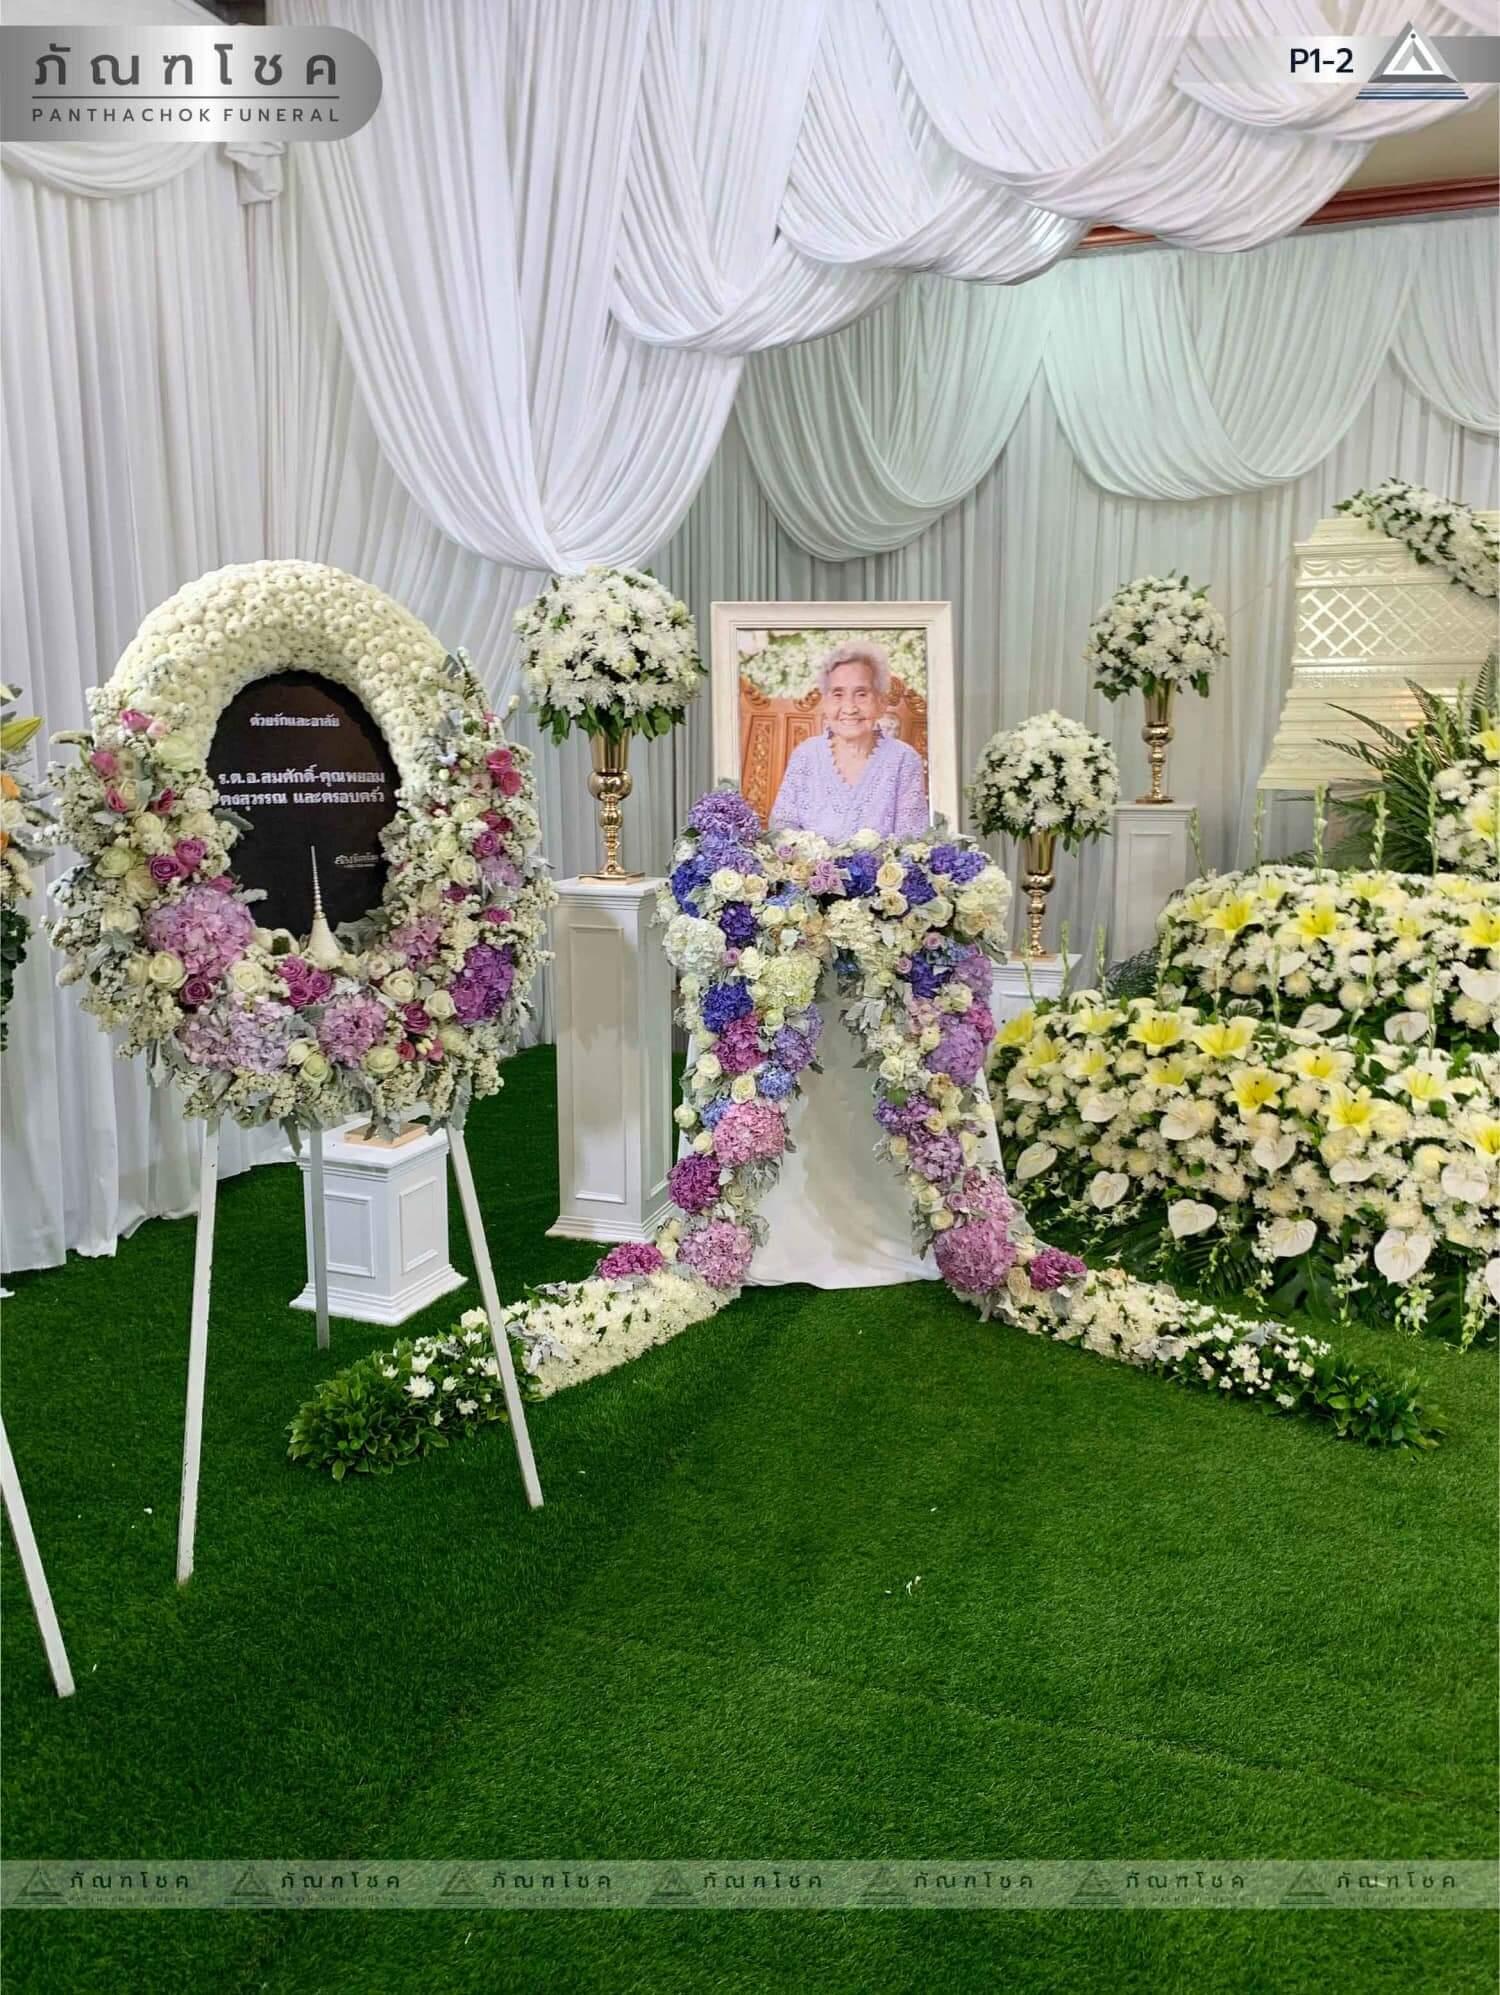 ดอกไม้หน้าศพ ชุด P1-2 43